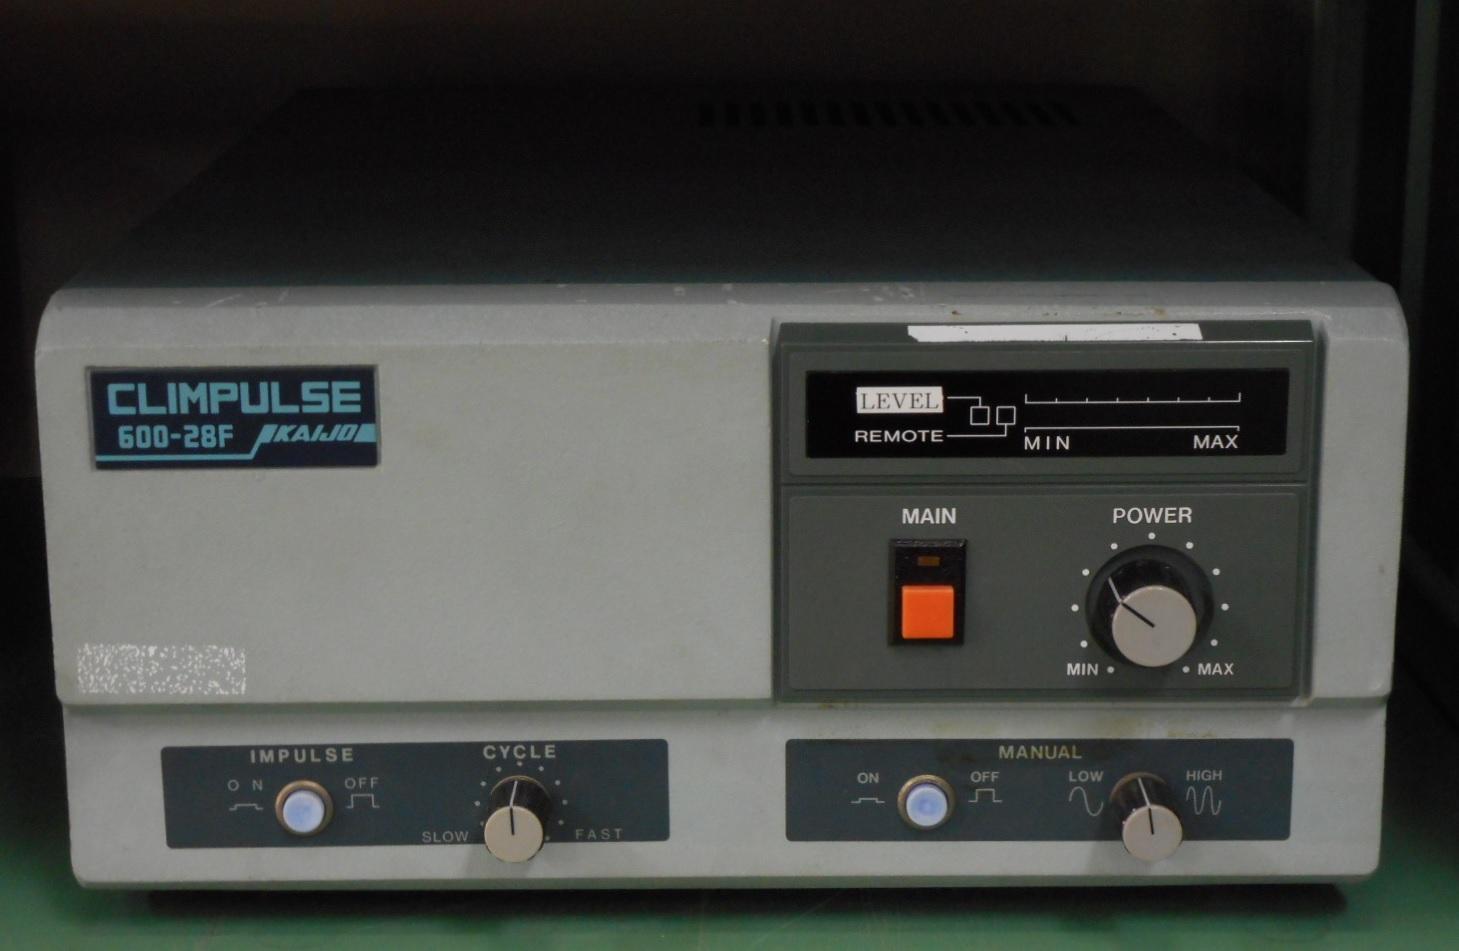 【展示室】展示機器の紹介 工業用超音波洗浄機 クリンパルス6341i型発振器